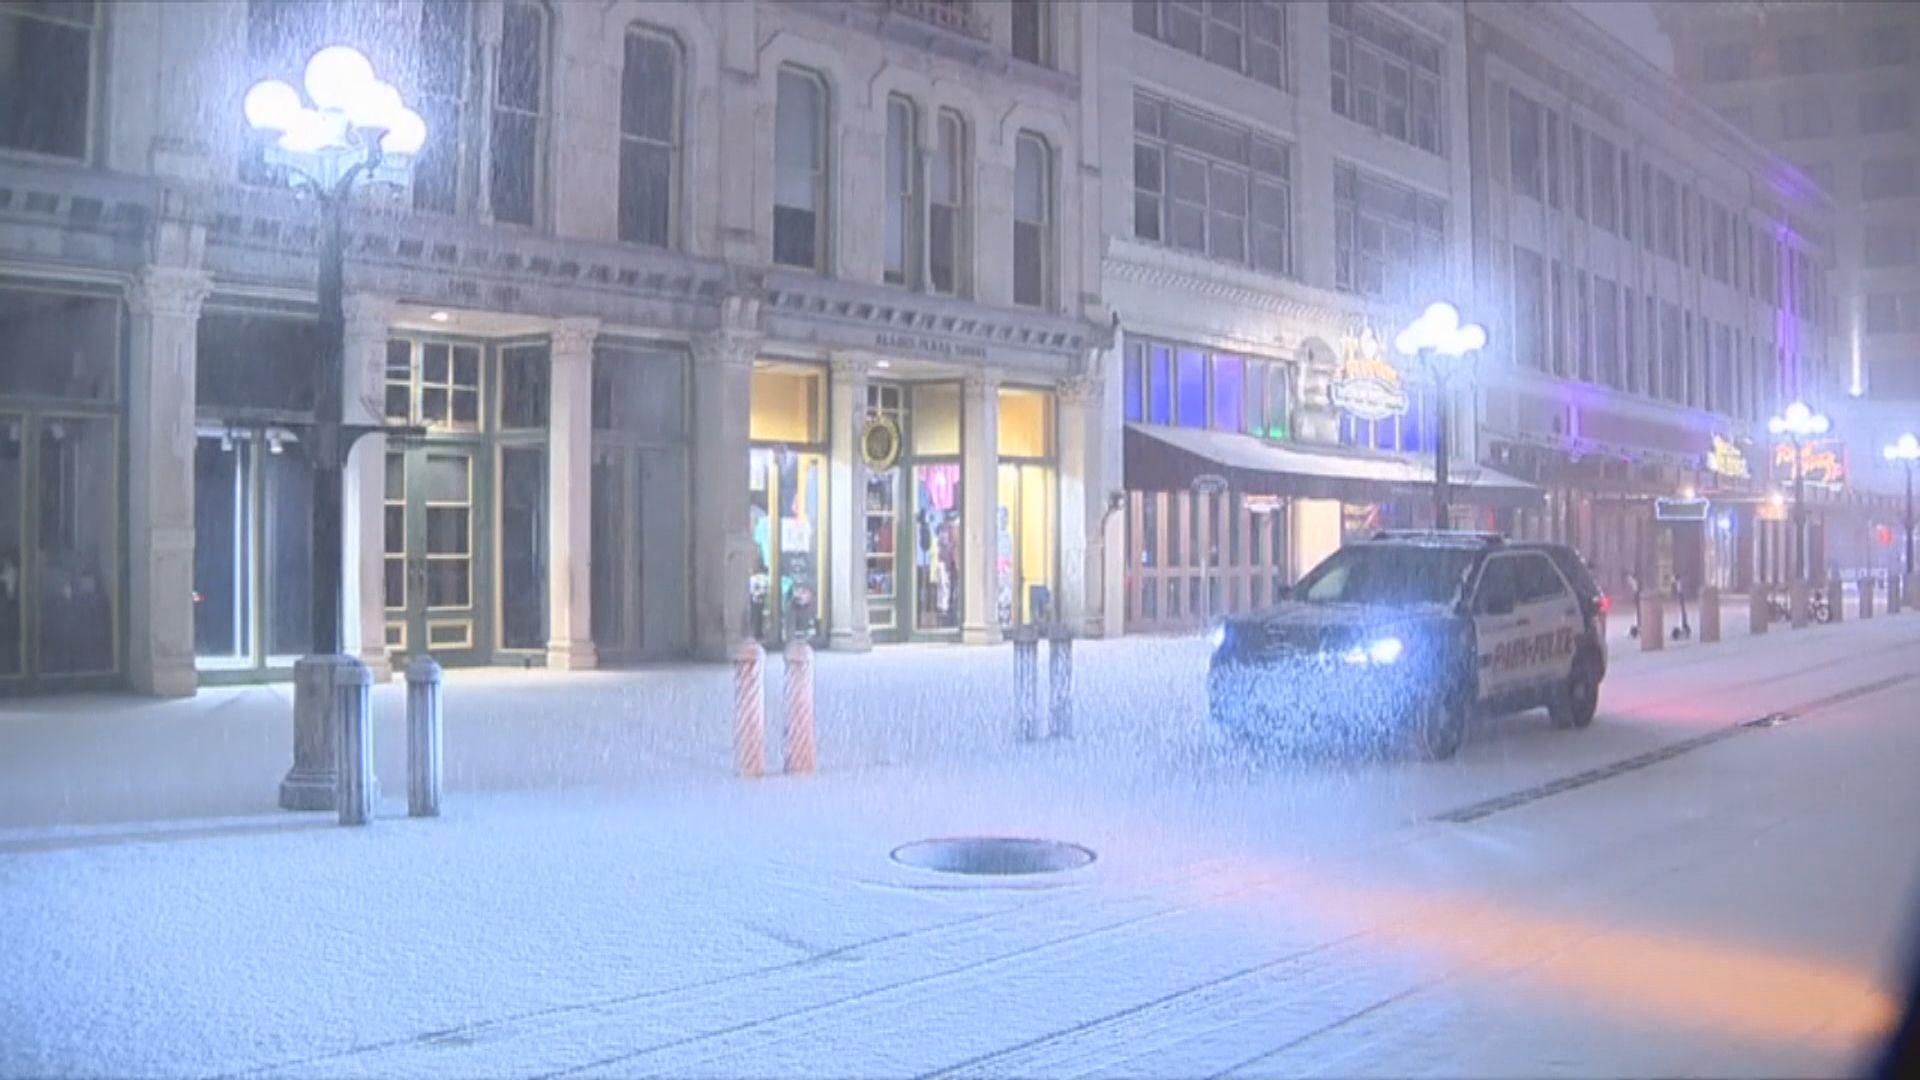 美國得州受暴風雪吹襲大規模停電 拜登頒緊急狀態令